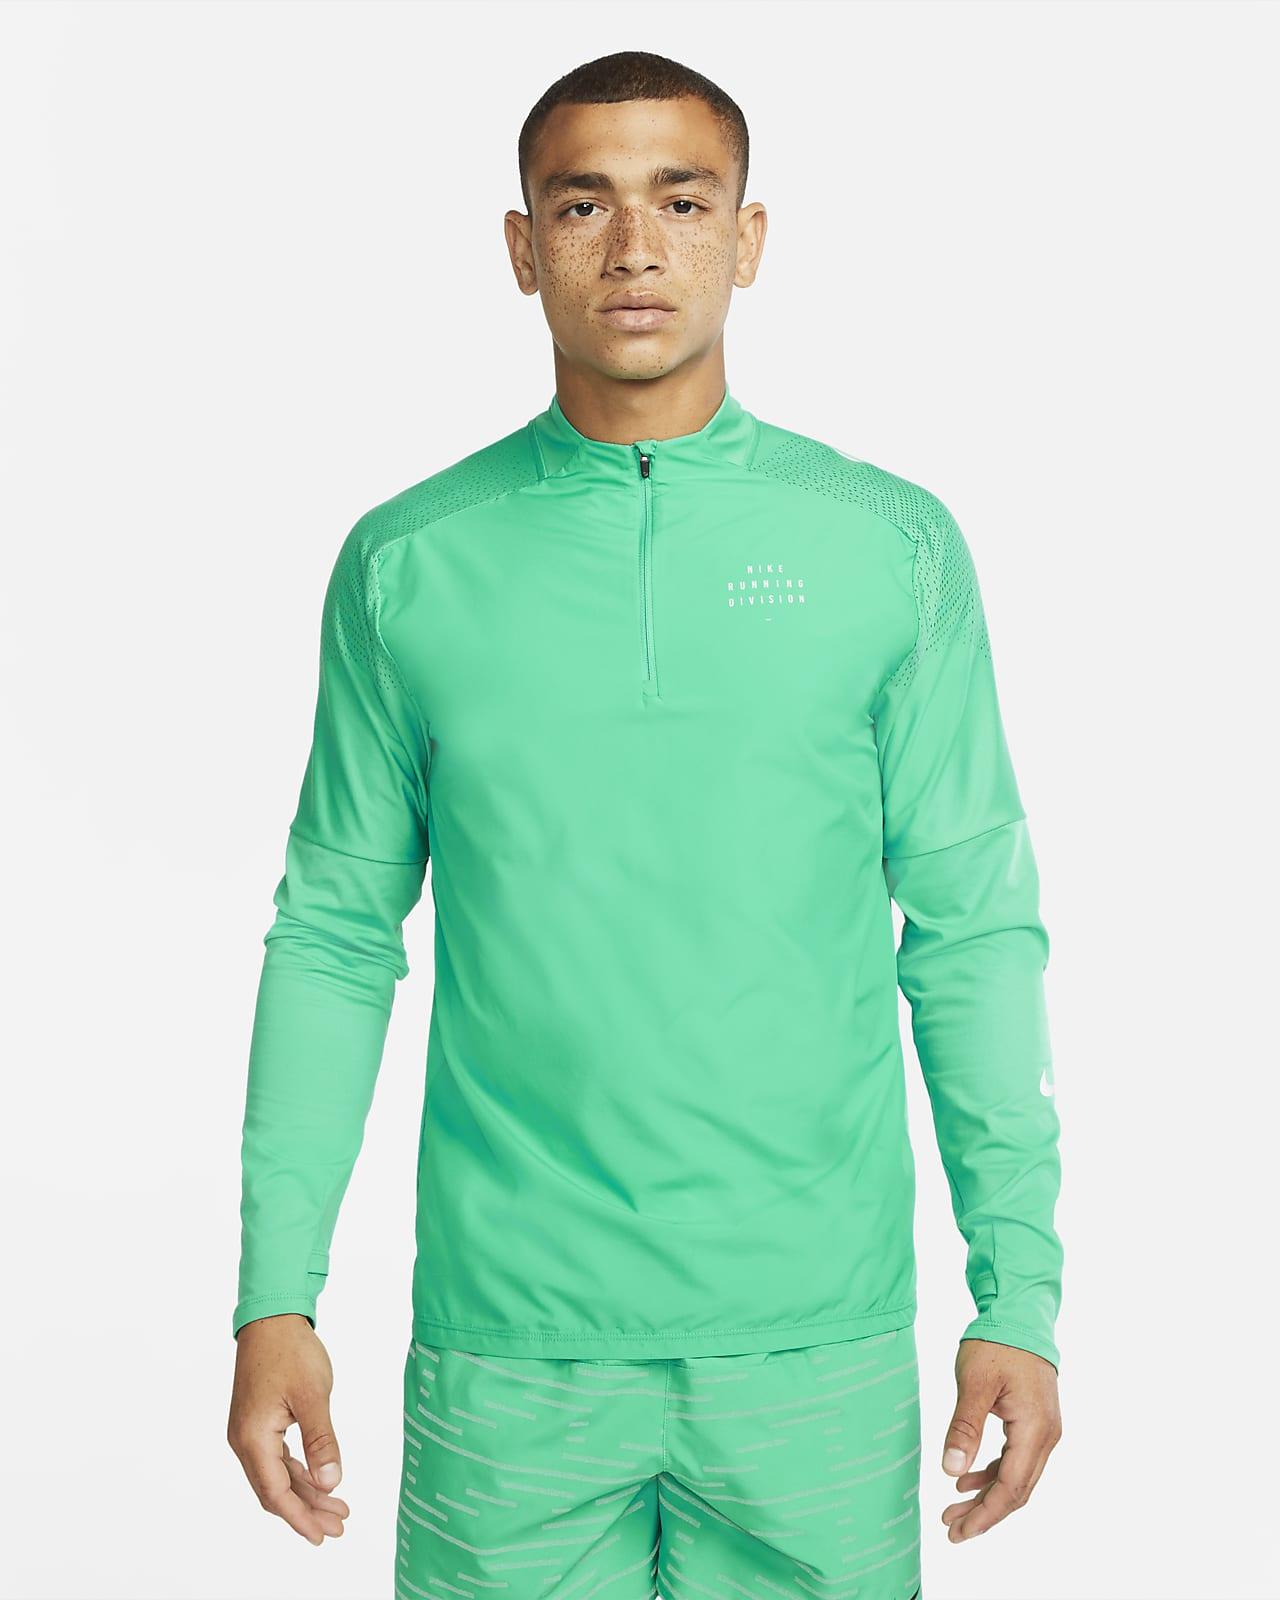 Pánské běžecké tričko Nike Dri-FIT Run Division Flash Element spolovičním zipem